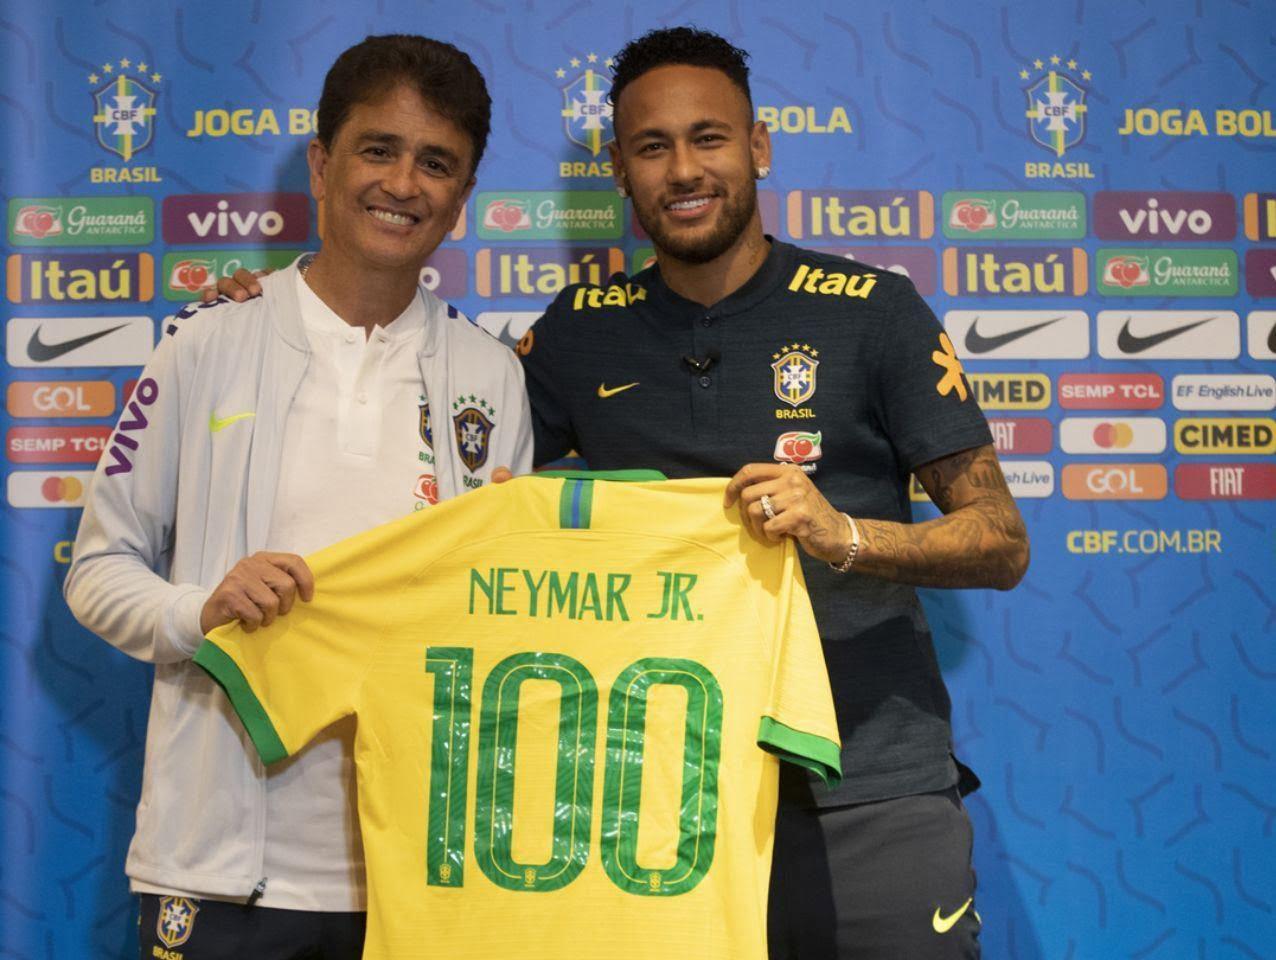 نیمار - هدیه خاص فدراسیون فوتبال برازیل به نیمار